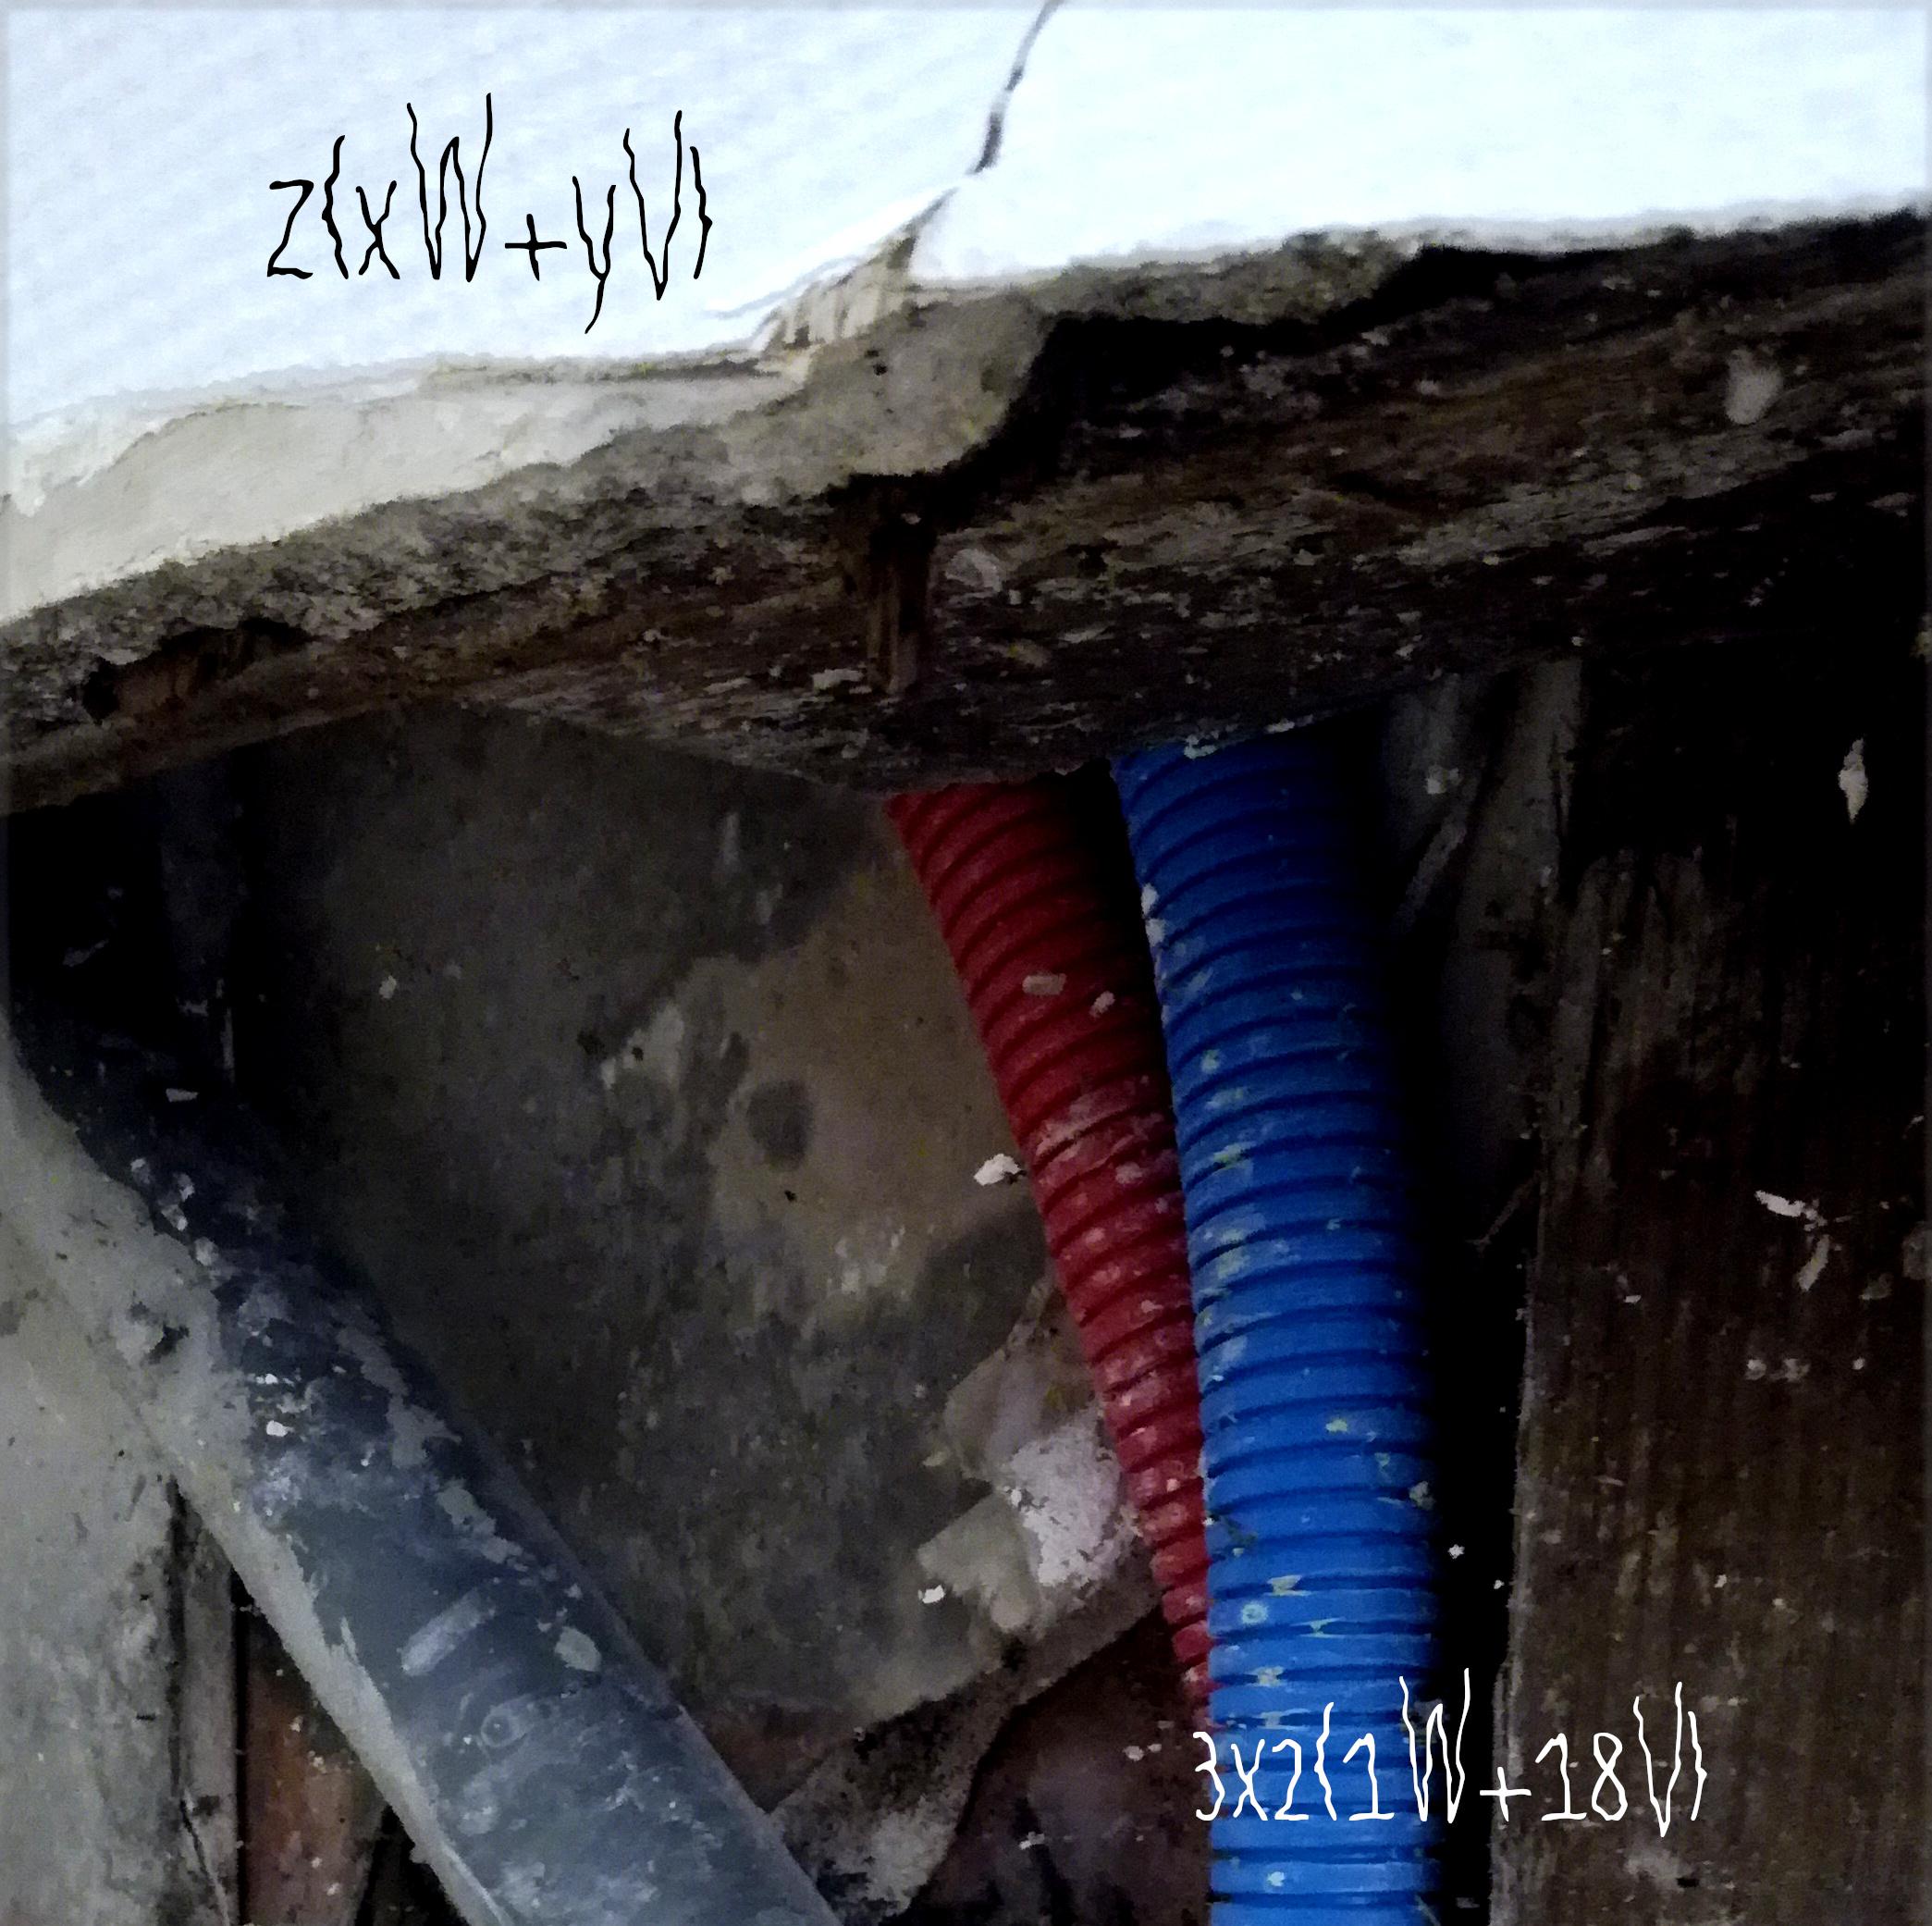 z(xW+yV) – 3×2(1W+18V)